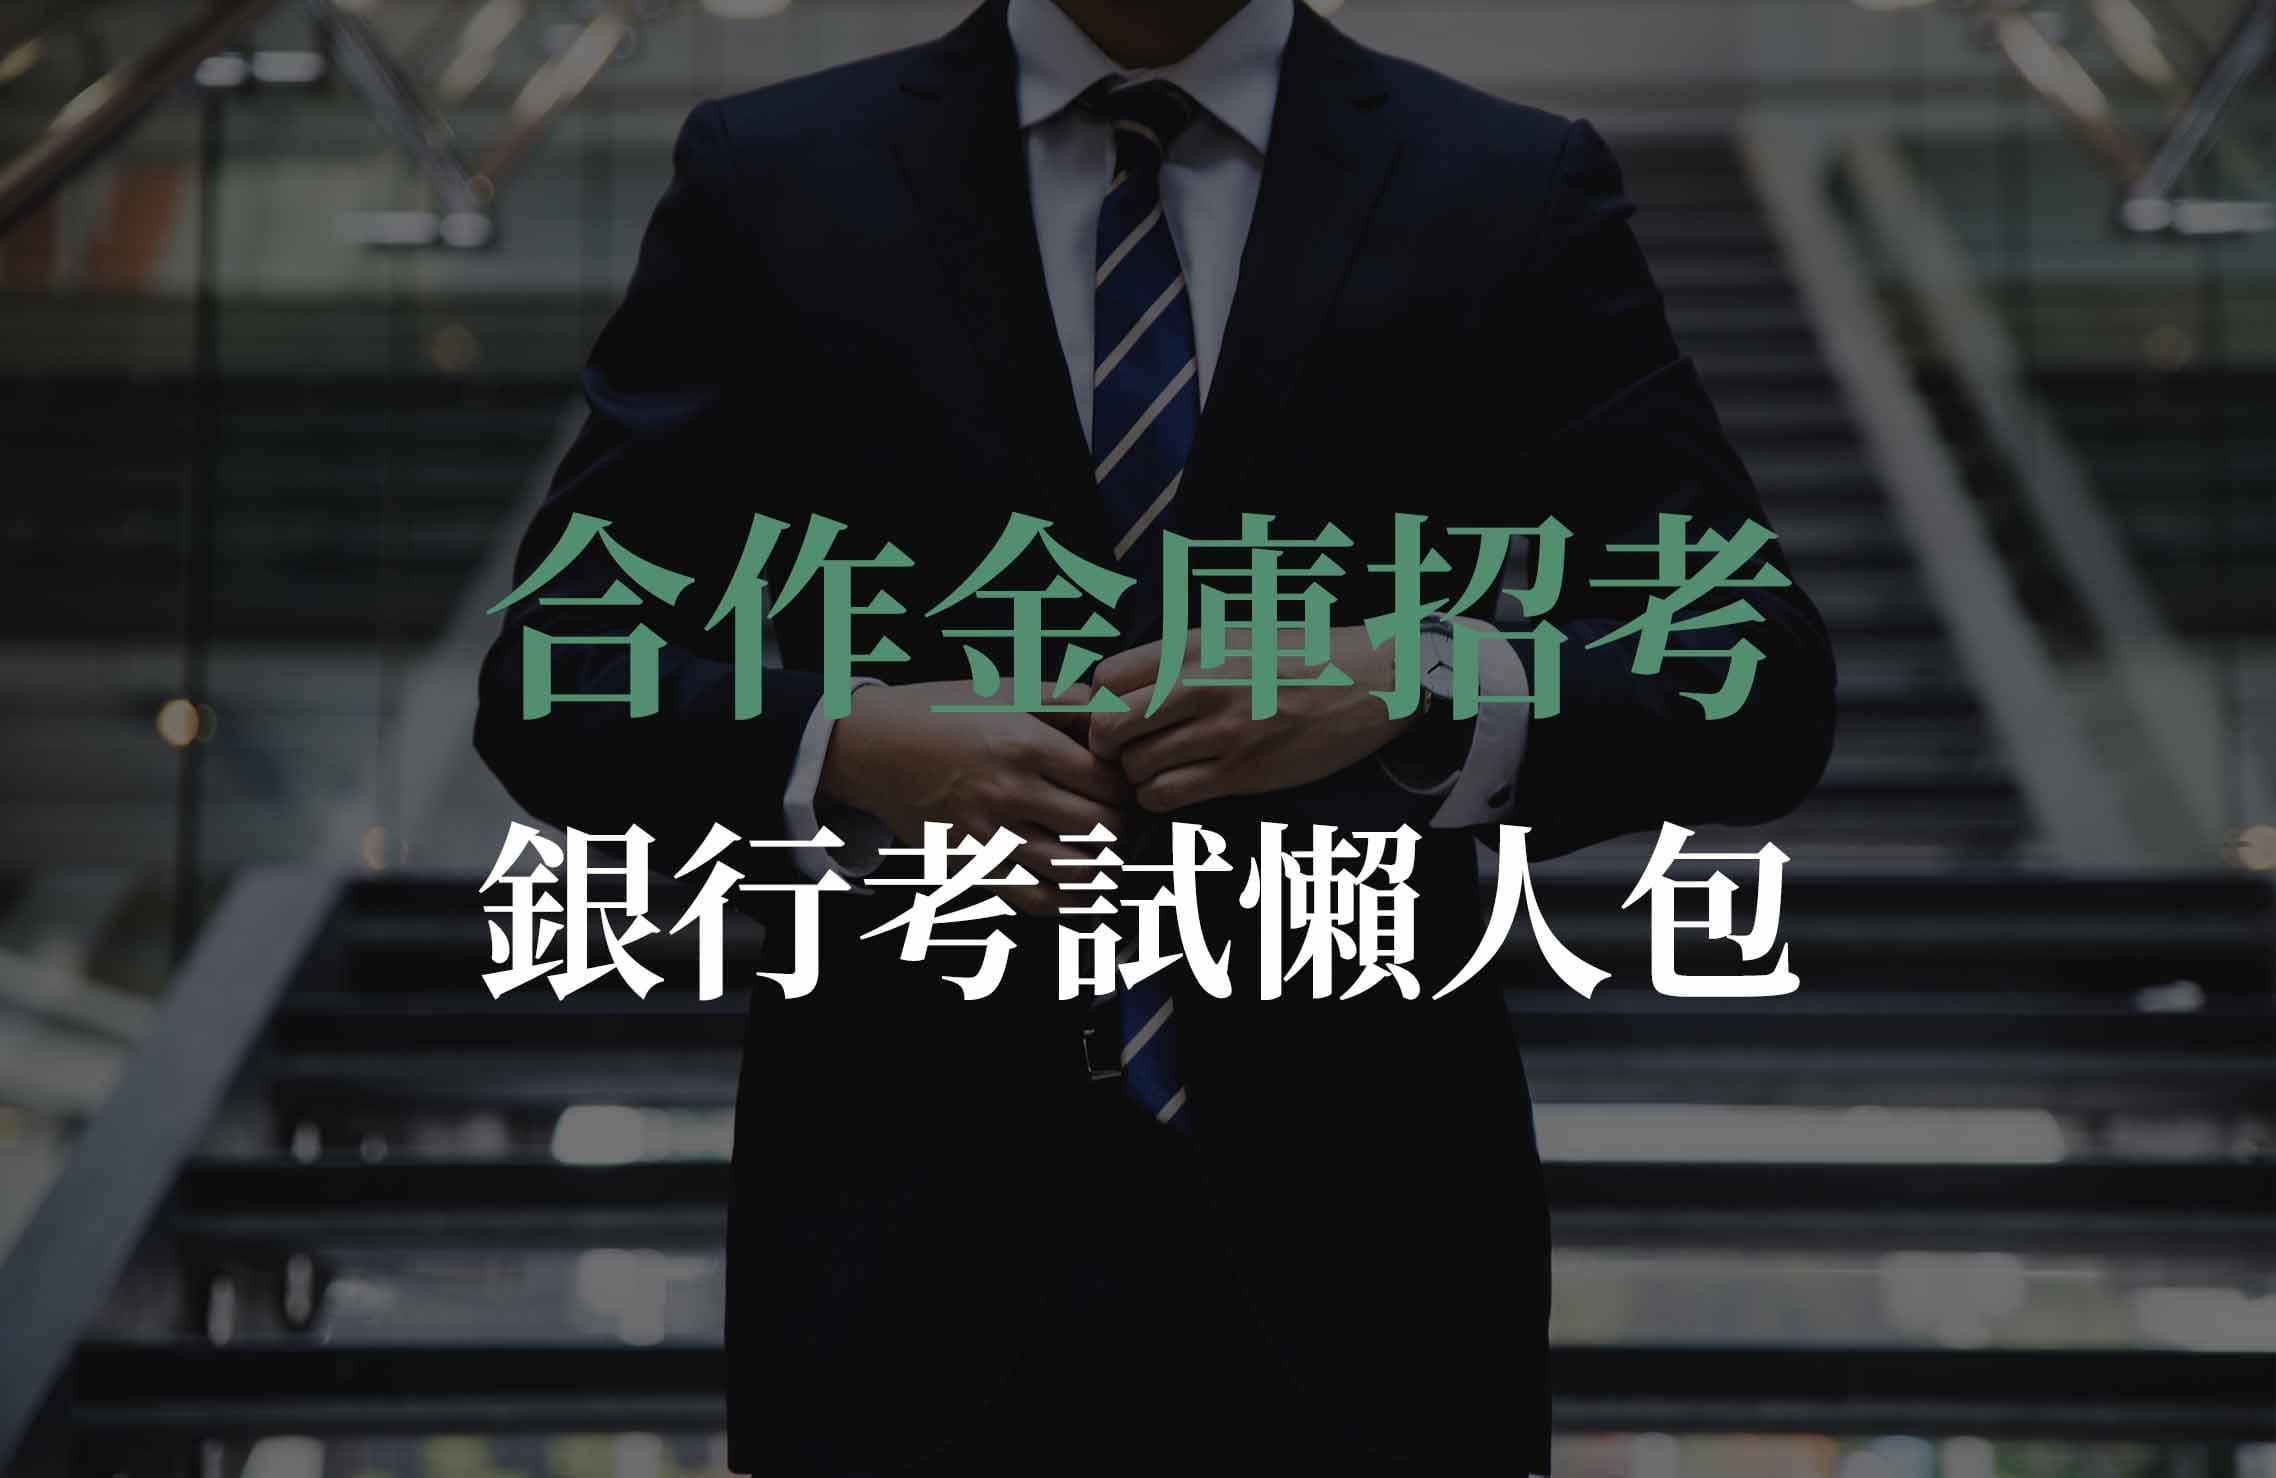 合作金庫招考,公股銀行招考,銀行招考